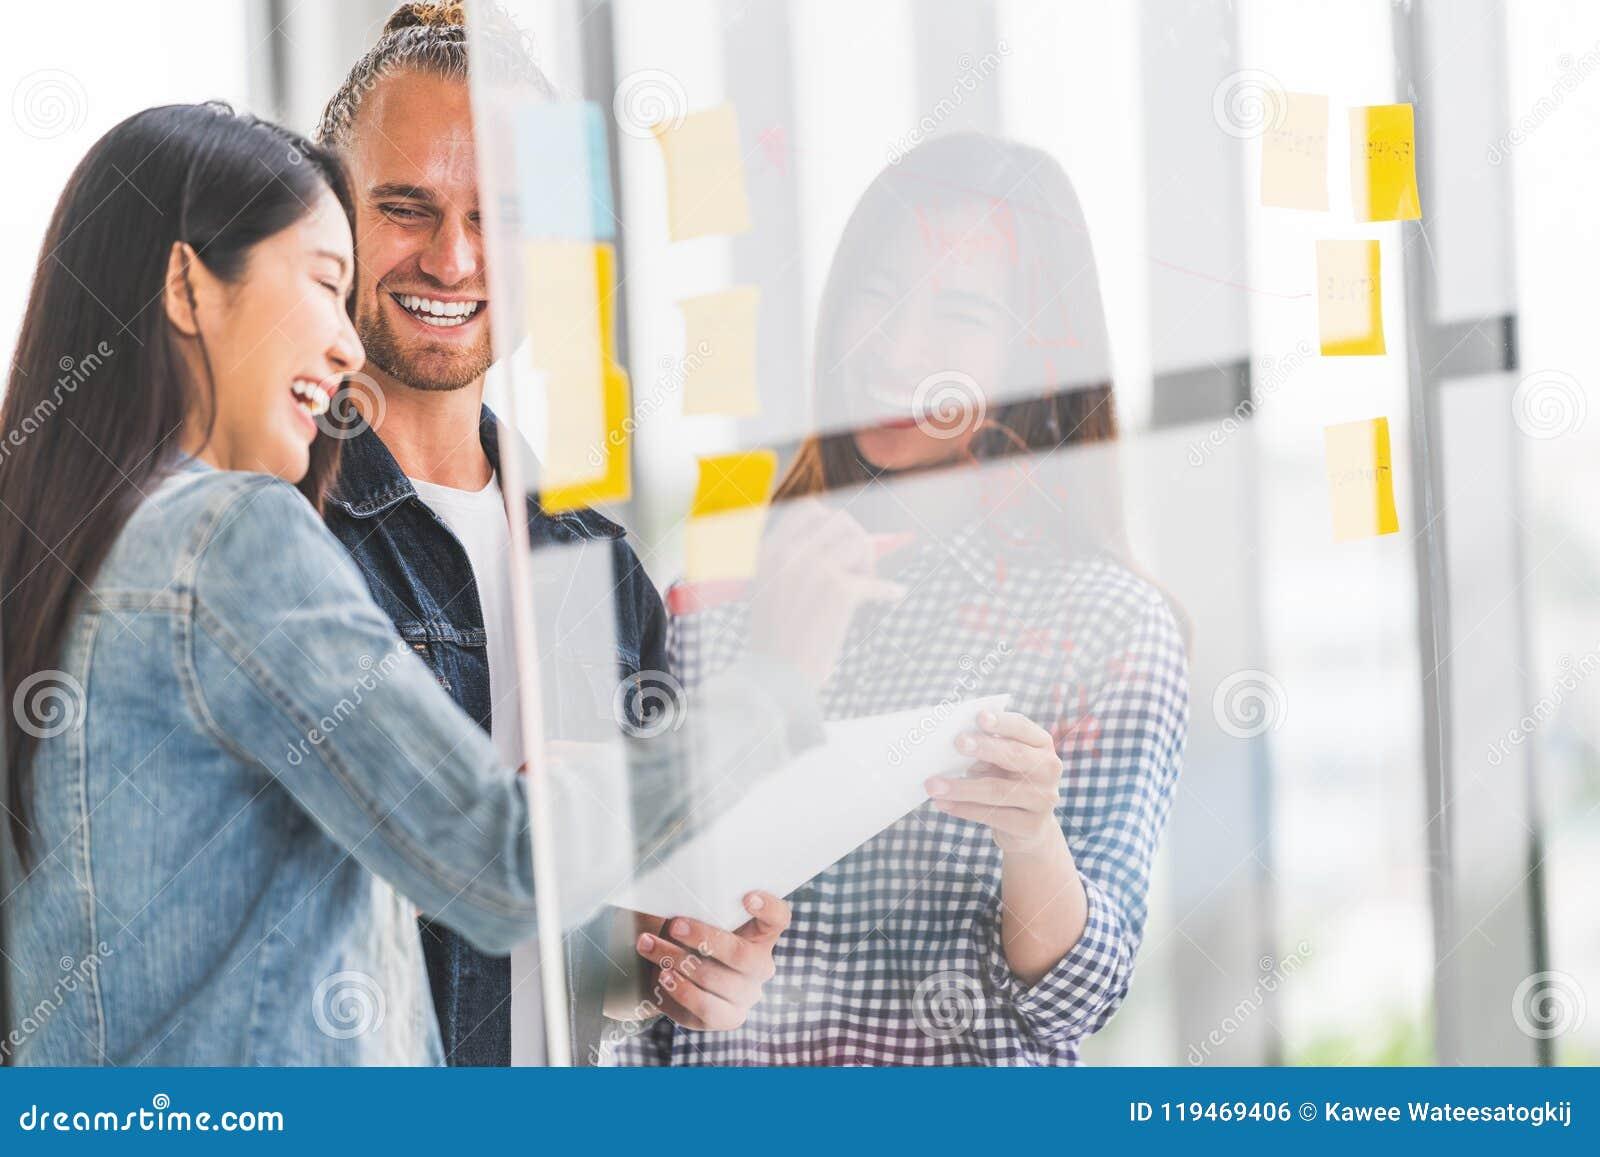 不同种族的不同的队会议在透明玻璃,柱子贴纸,坦率的微笑一起写项目目标计划